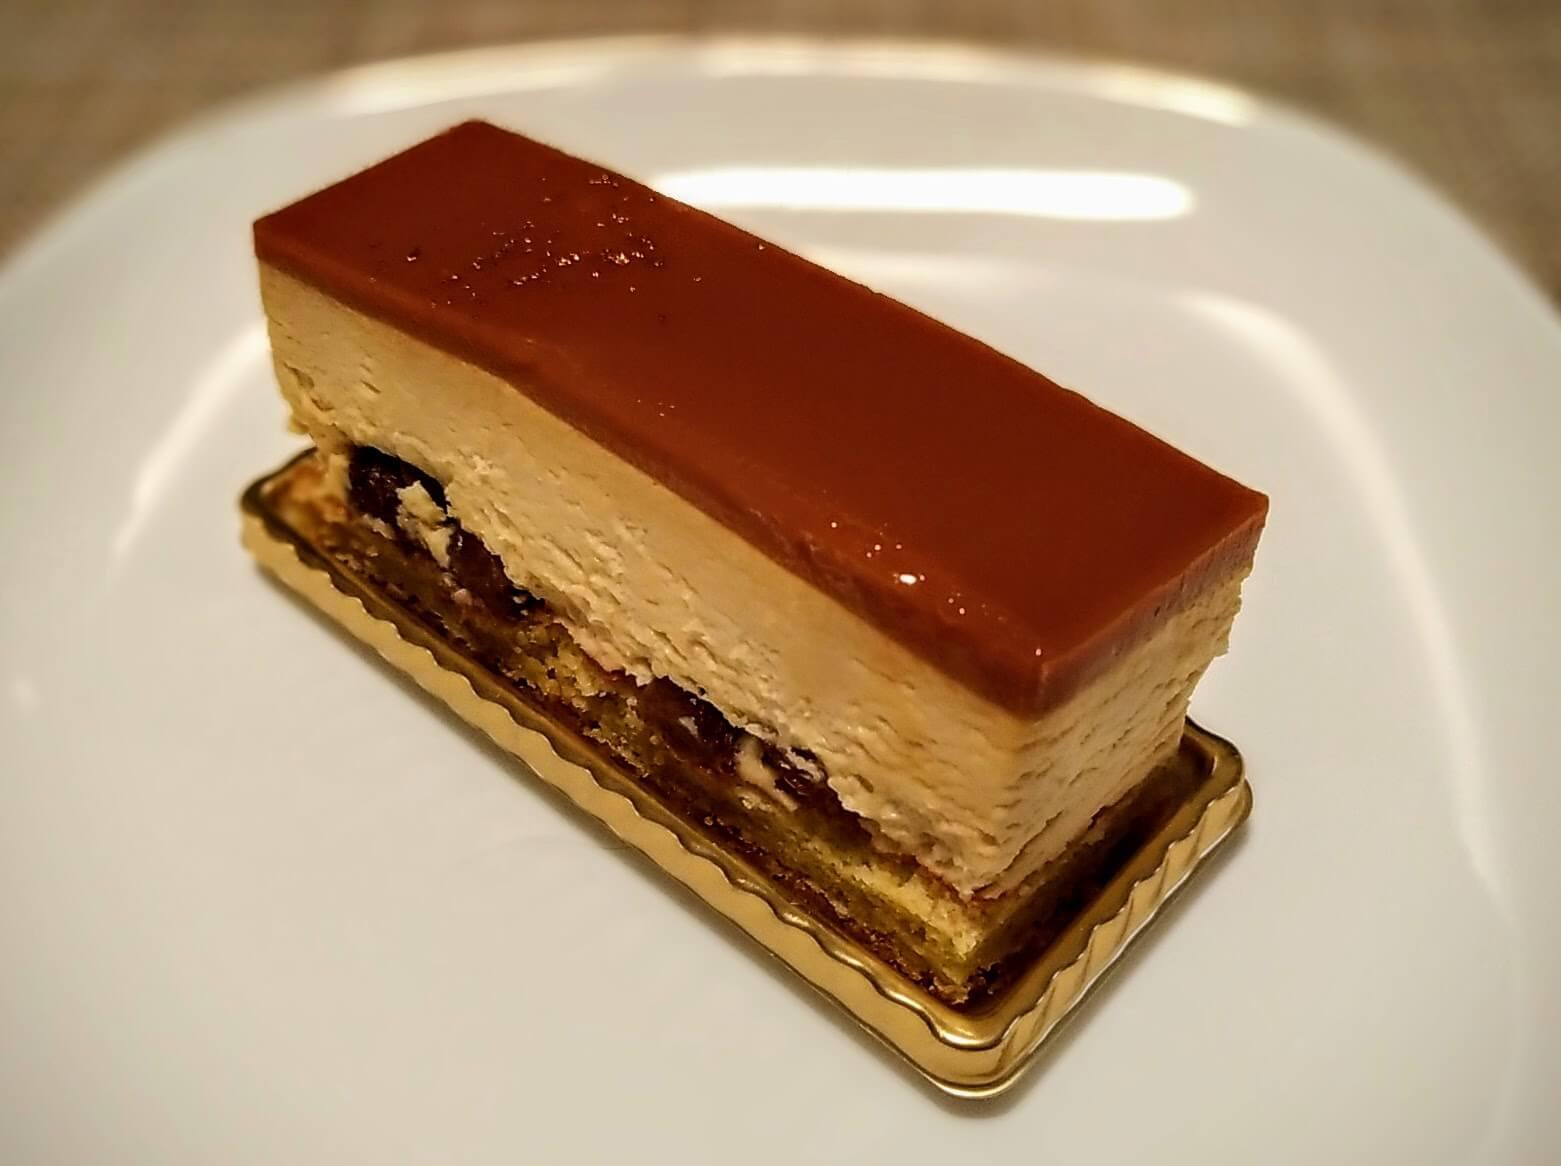 メゾンカイザー キャラメルラムレーズンチーズケーキ (2)